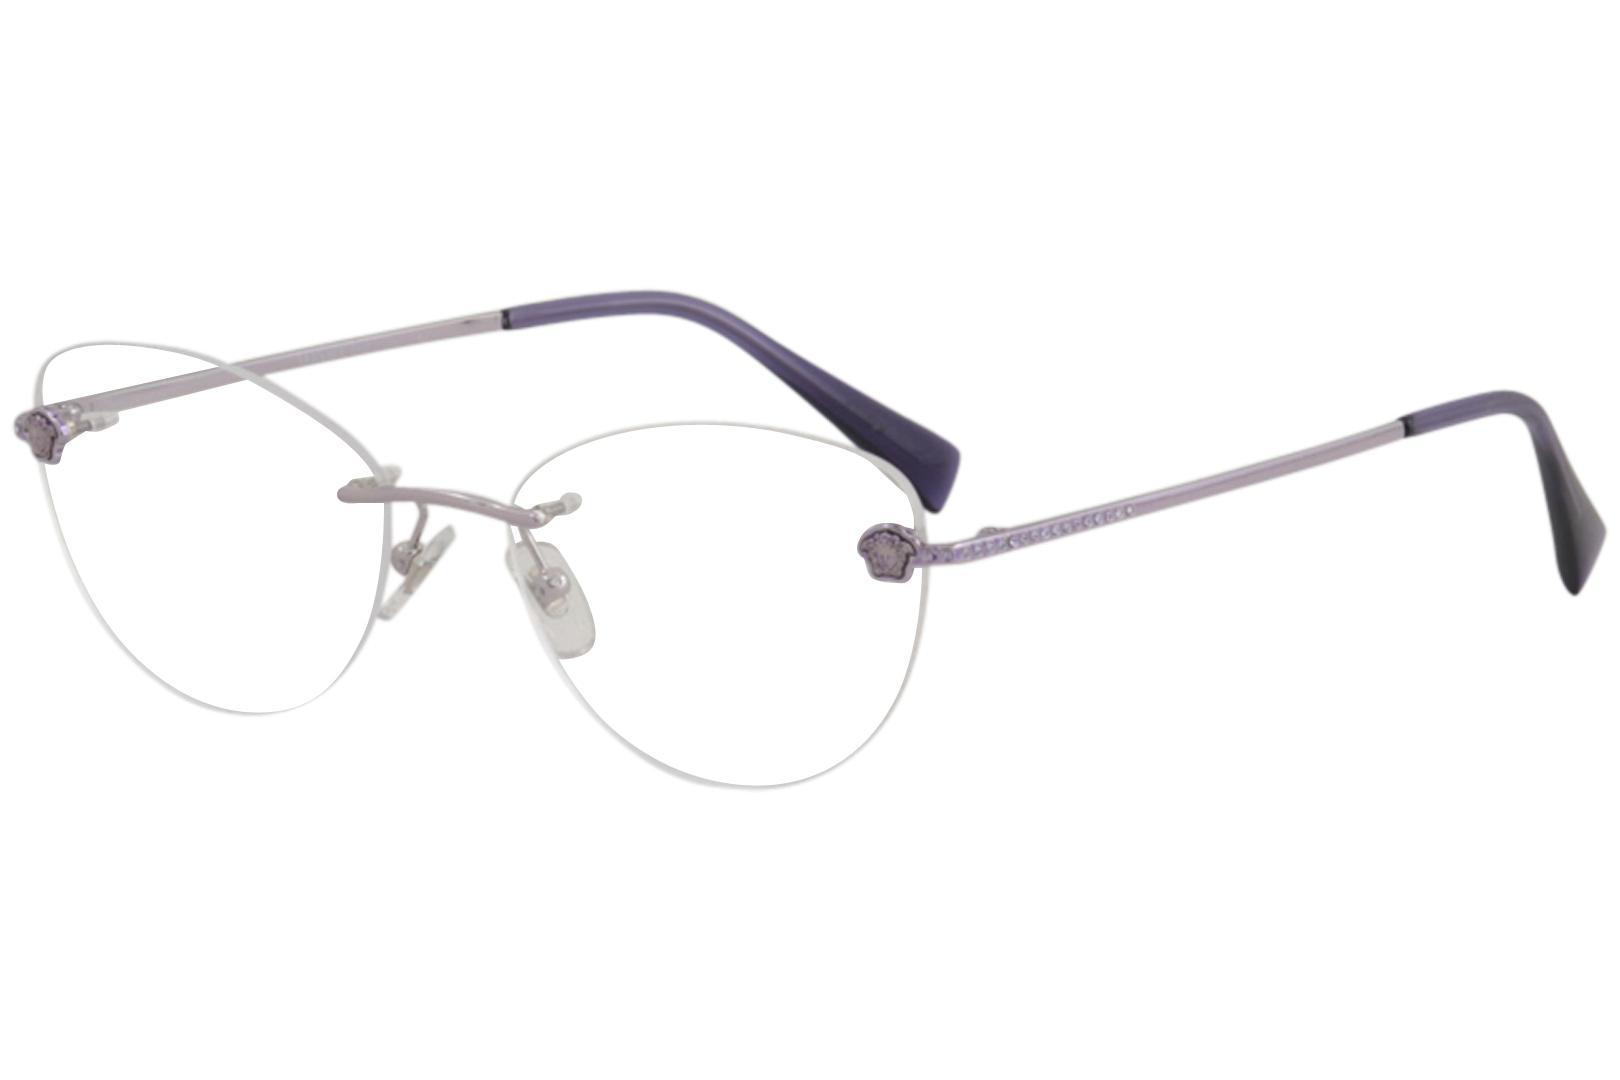 1c6f43bd40 Versace Eyeglasses VE1248B VE 1248 B 1029 Violet Rimless Optical ...